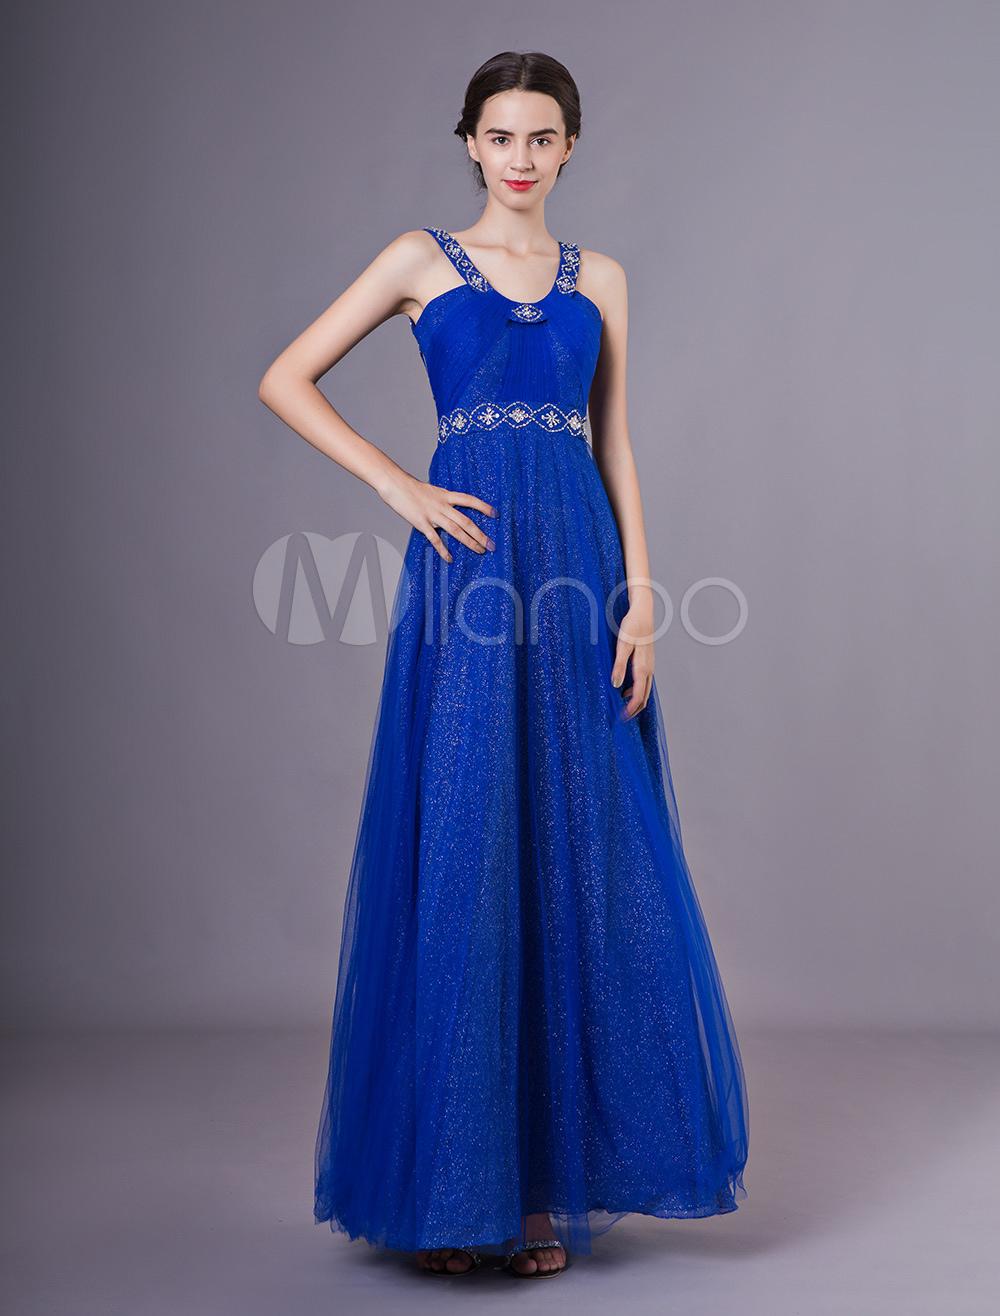 Abendkleider formale k nigsblau t ll ausschnitt perlen pailletten bodenlangen abschlussball - Milanoo abendkleider ...